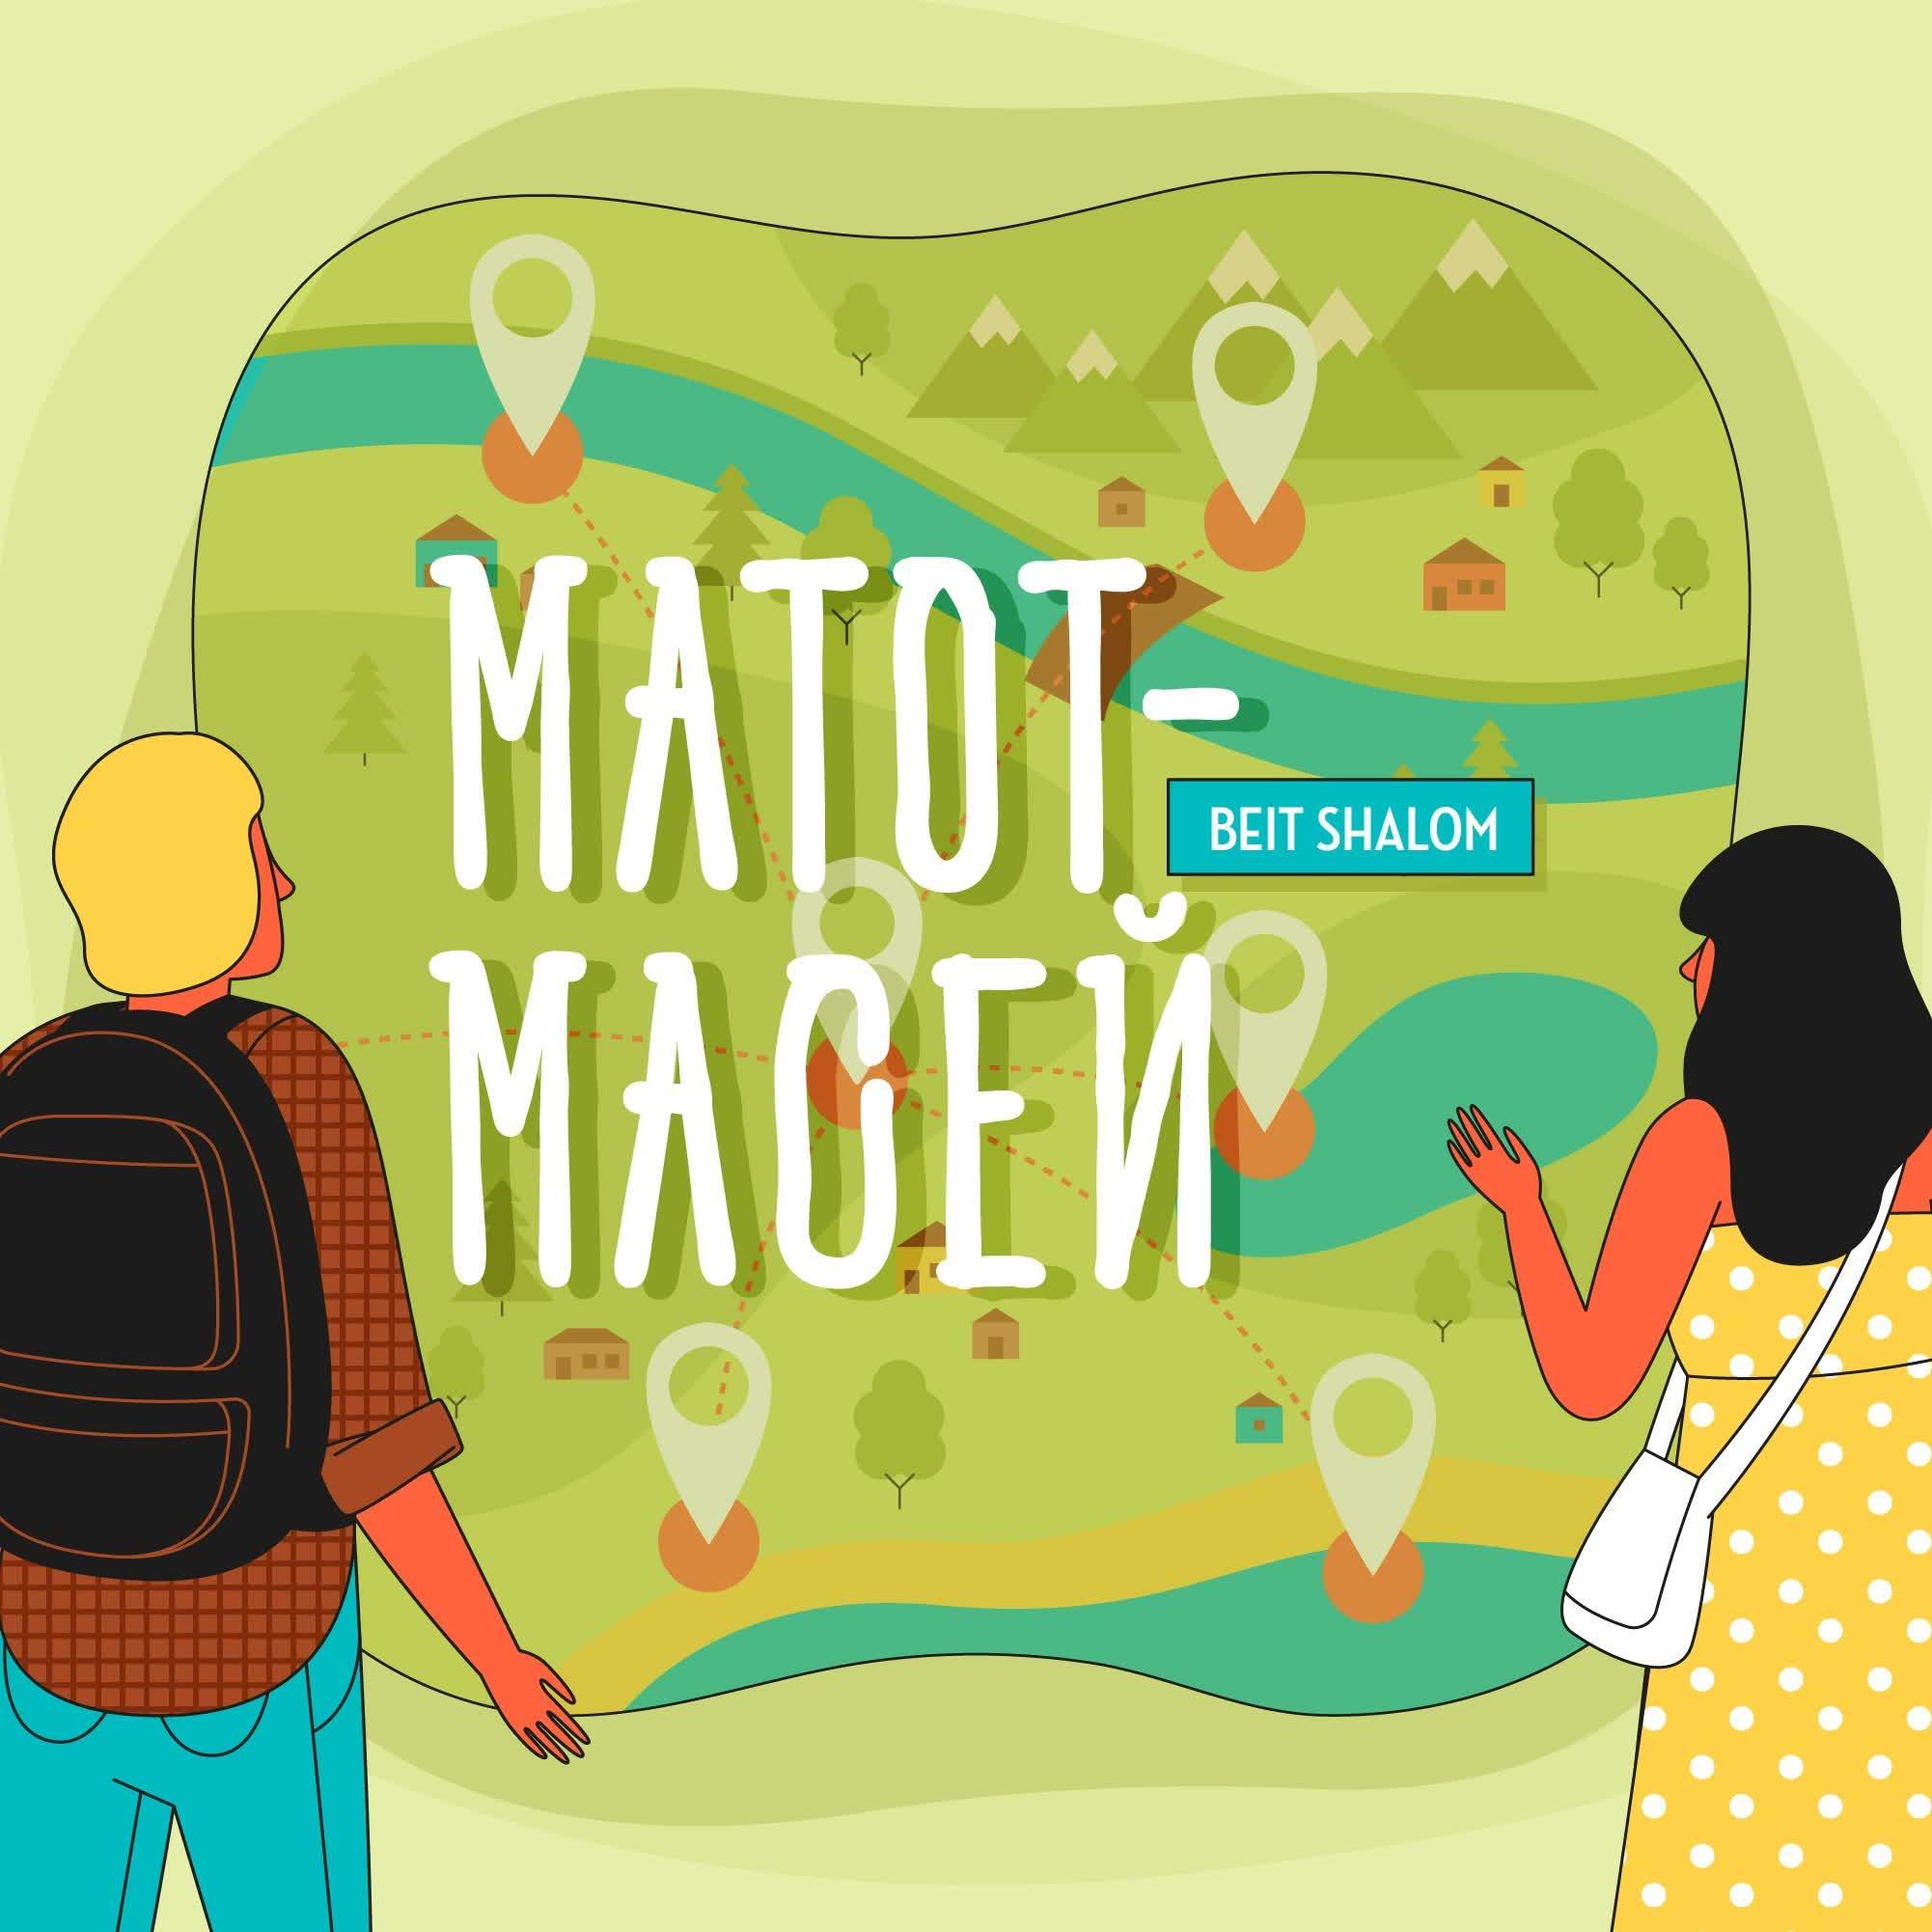 """Матот - Масей 5775 """"Возвещать тайну Машиаха"""". Часть 2 (А.Огиенко,18.07.2015)"""